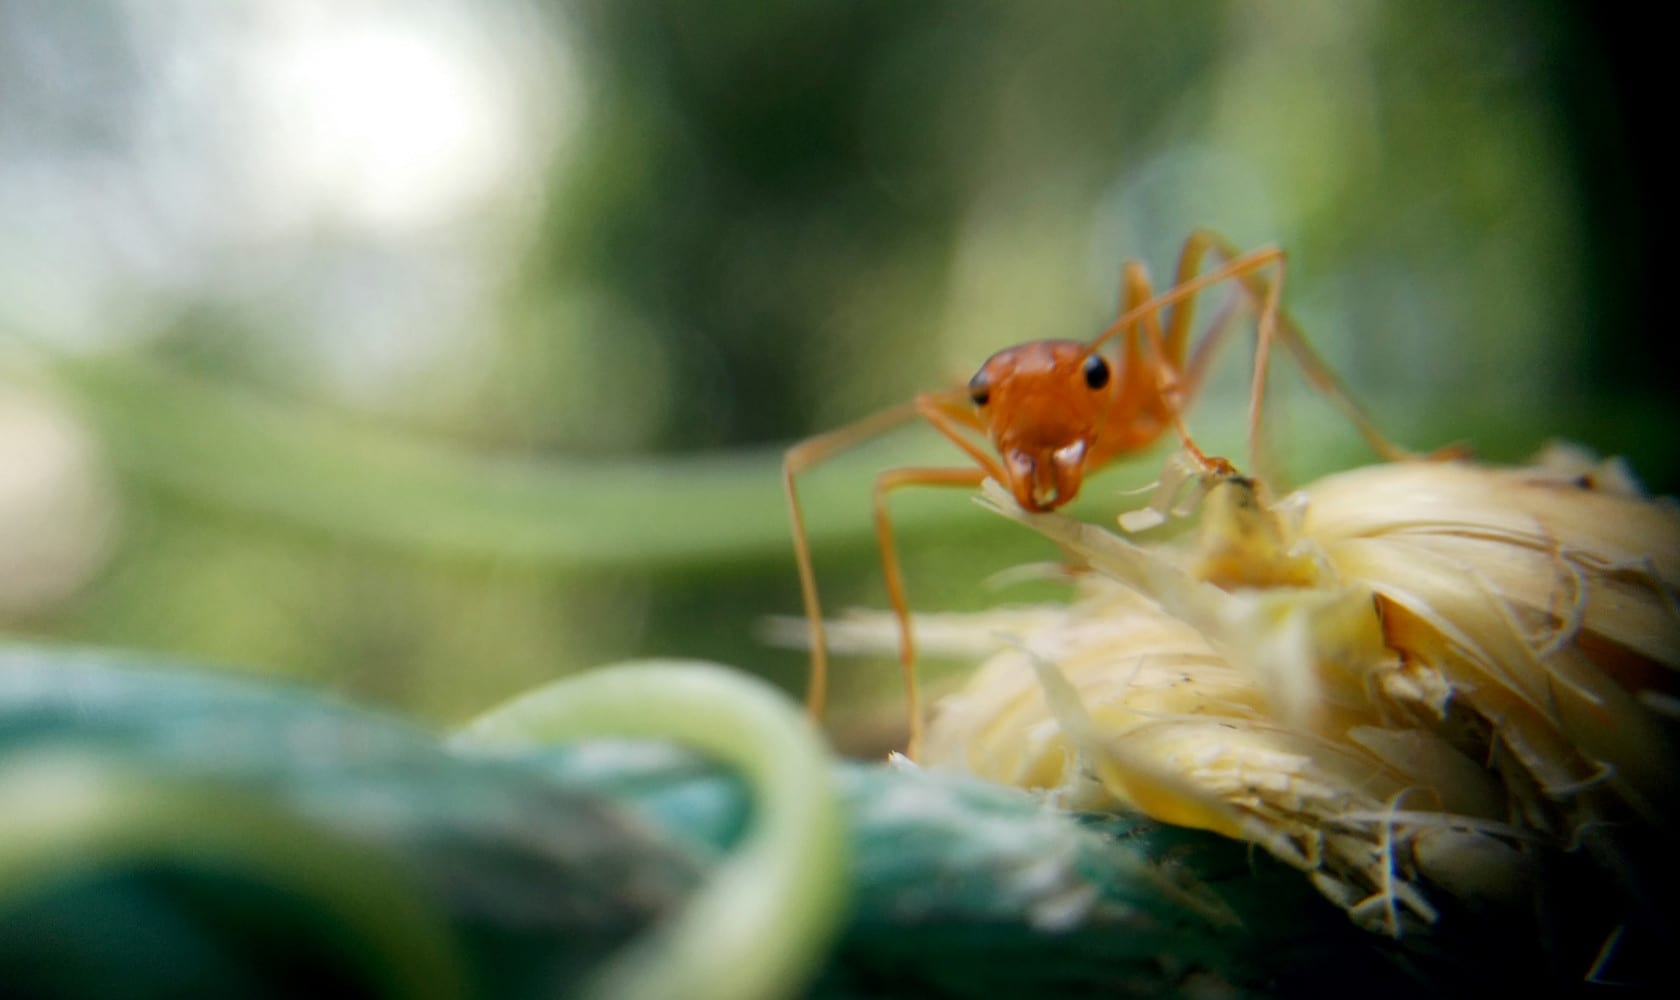 ant-1838540_1920